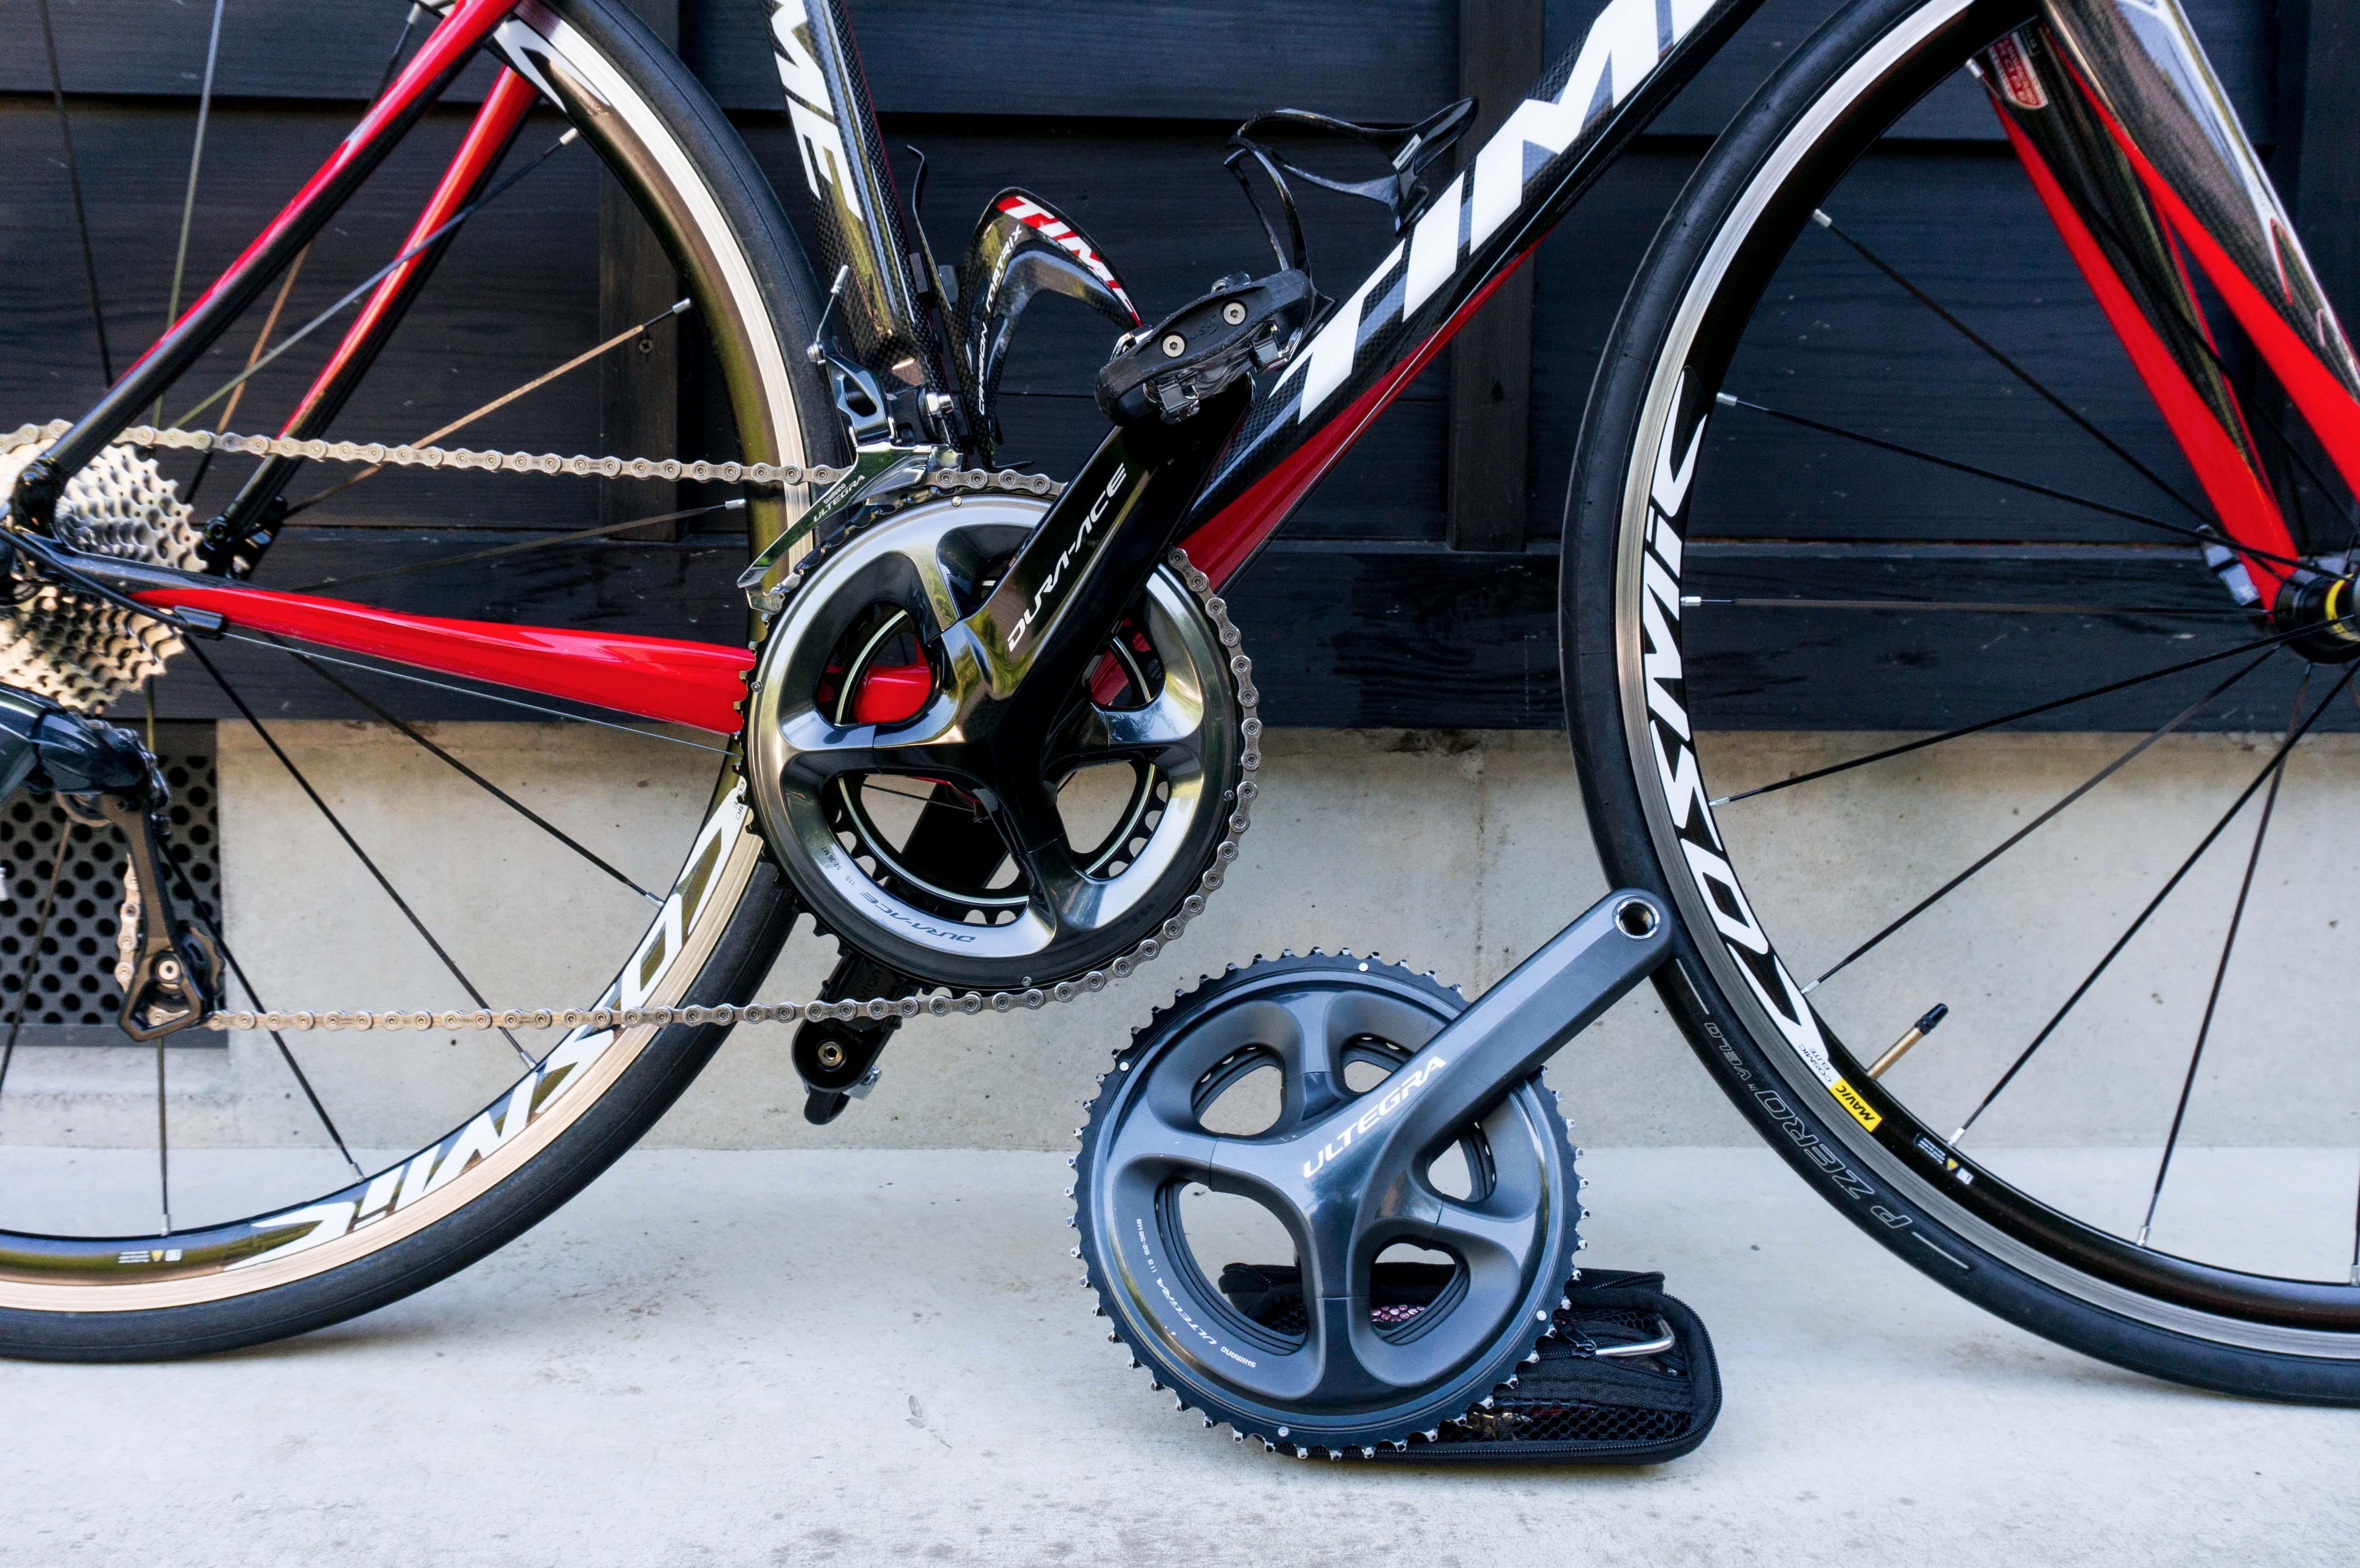 自転車のクランクが2つ並んでいる